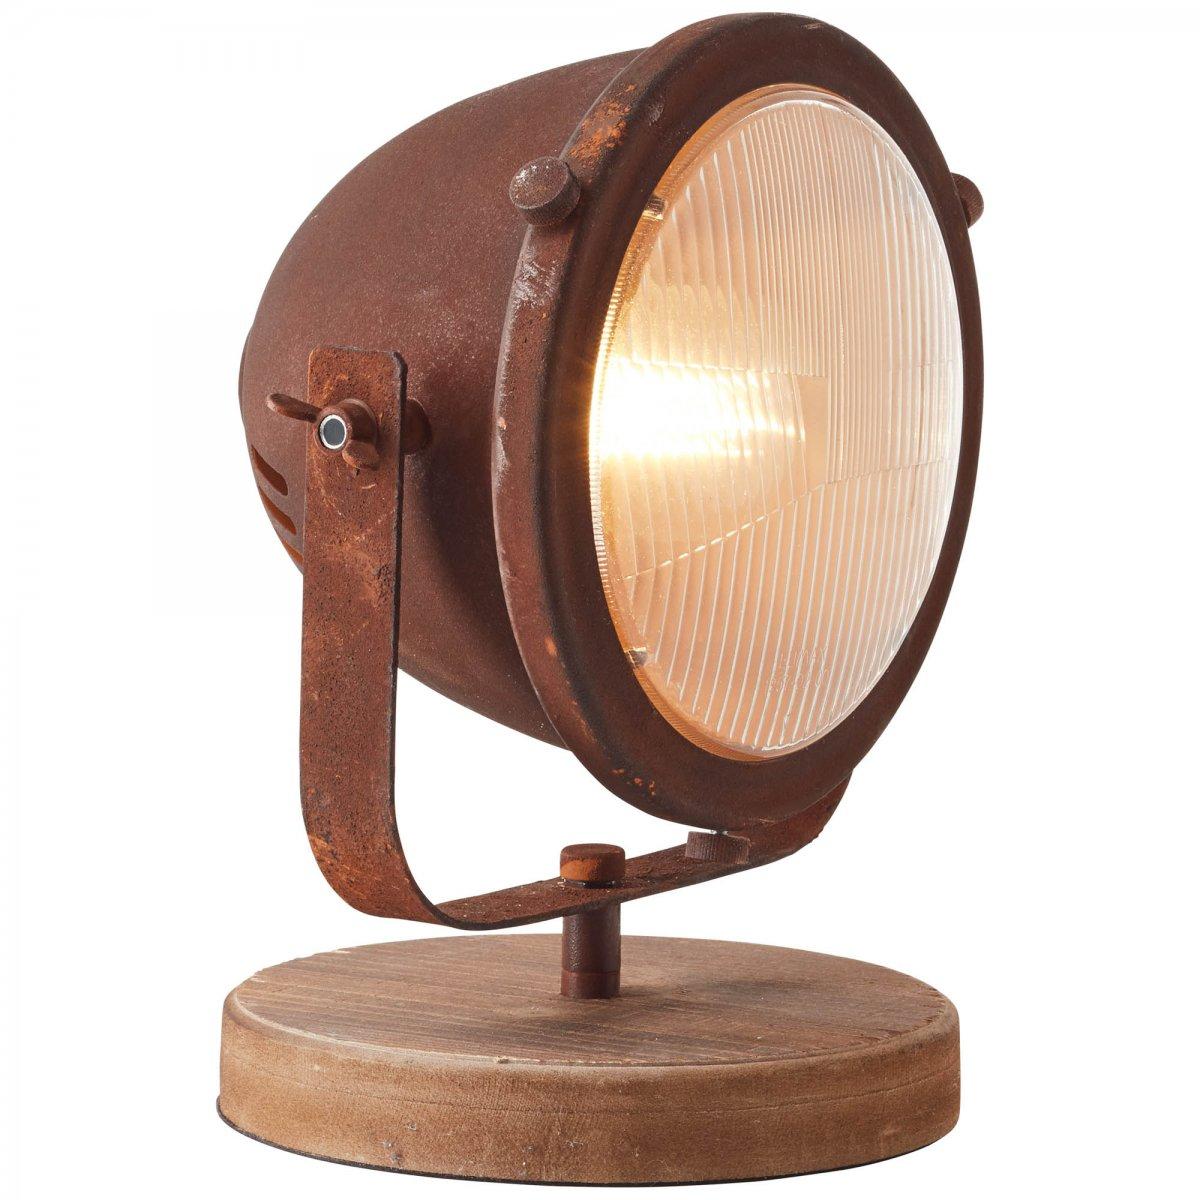 brilliant leuchten no 94928 60 tischleuchte carmen rost schwarz 31 cm eur 72 58 leuchten. Black Bedroom Furniture Sets. Home Design Ideas